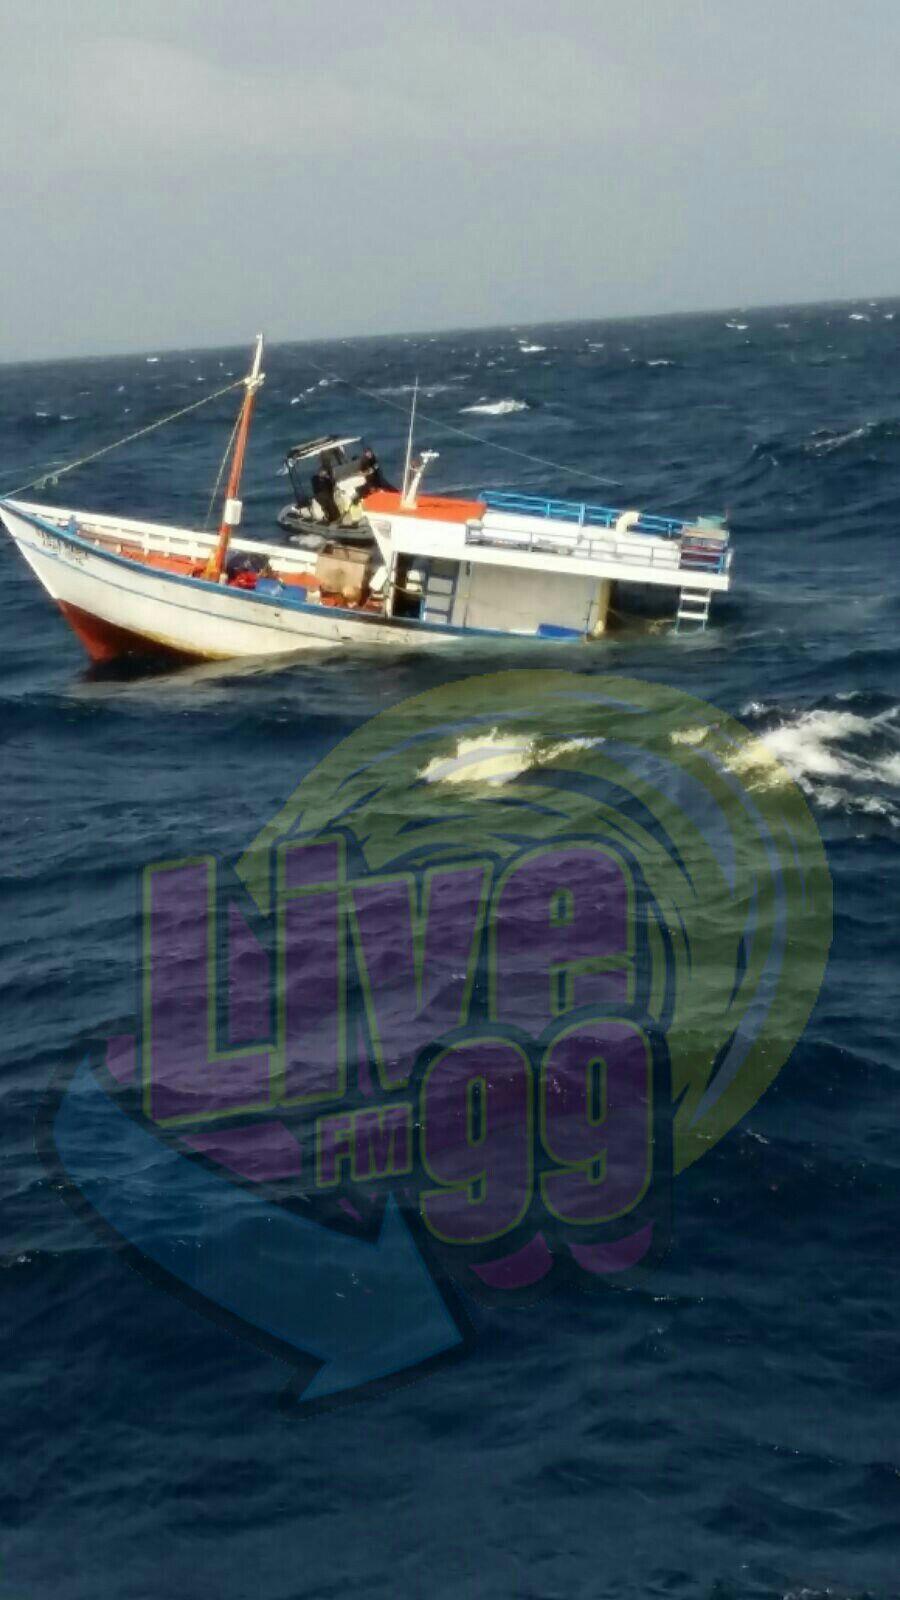 ARUBA: LOTE DI DROGA KONFISKA RIBA LAMAN